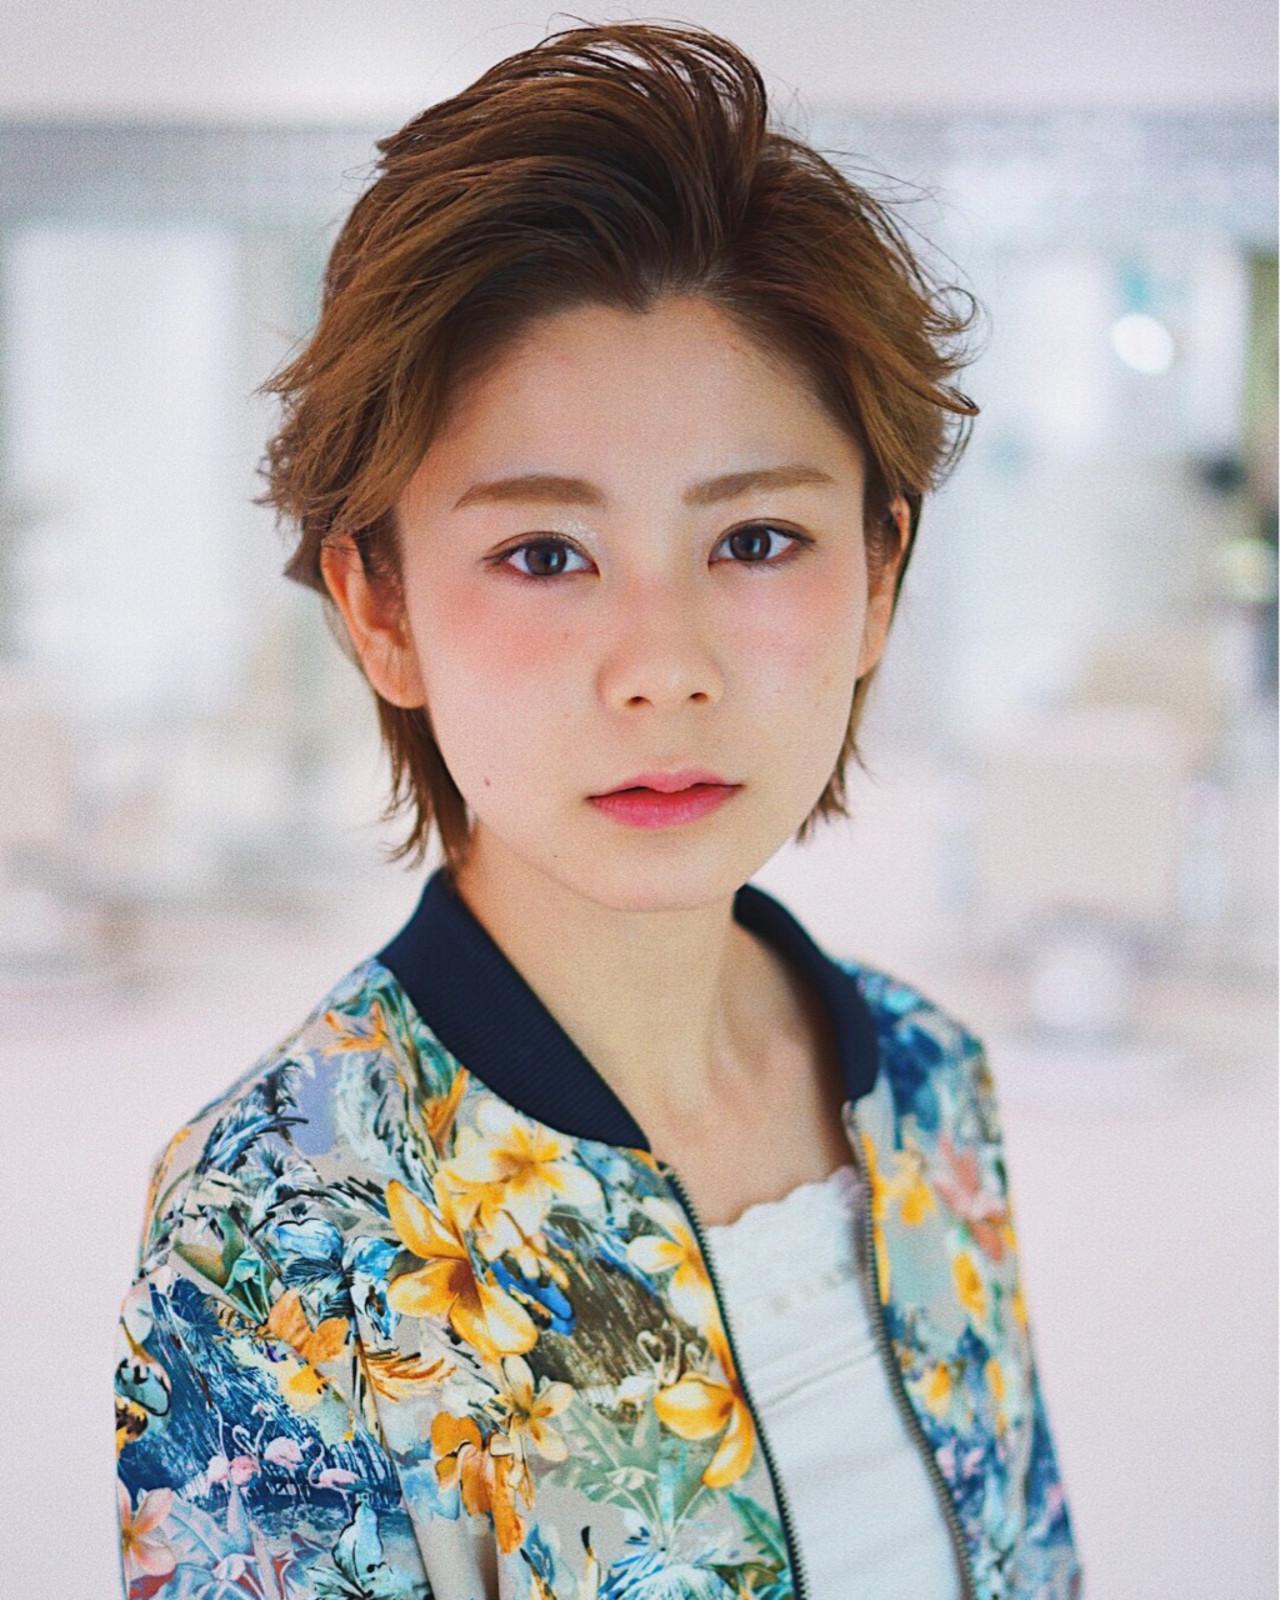 前髪でなりたい自分に!前髪の種類別にスタイルをチェックしてなりたい自分に♡ 紫牟田 慎